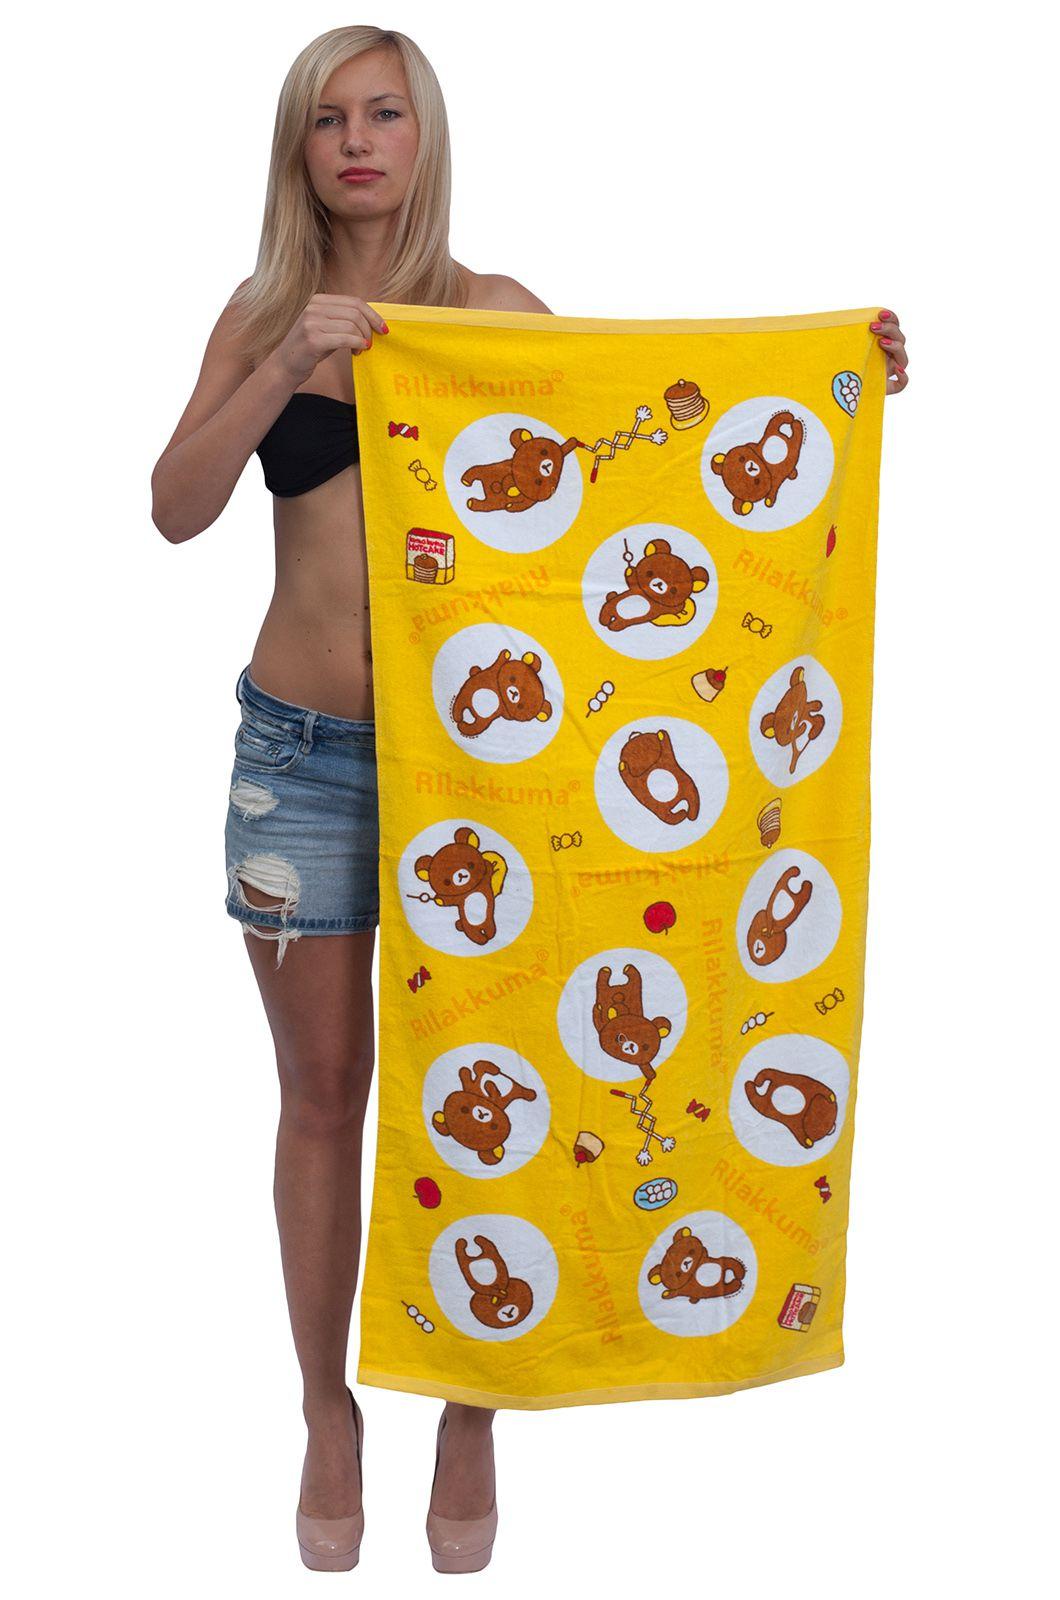 Полотенце с детским рисунком - купить онлайн в интернет-магазине